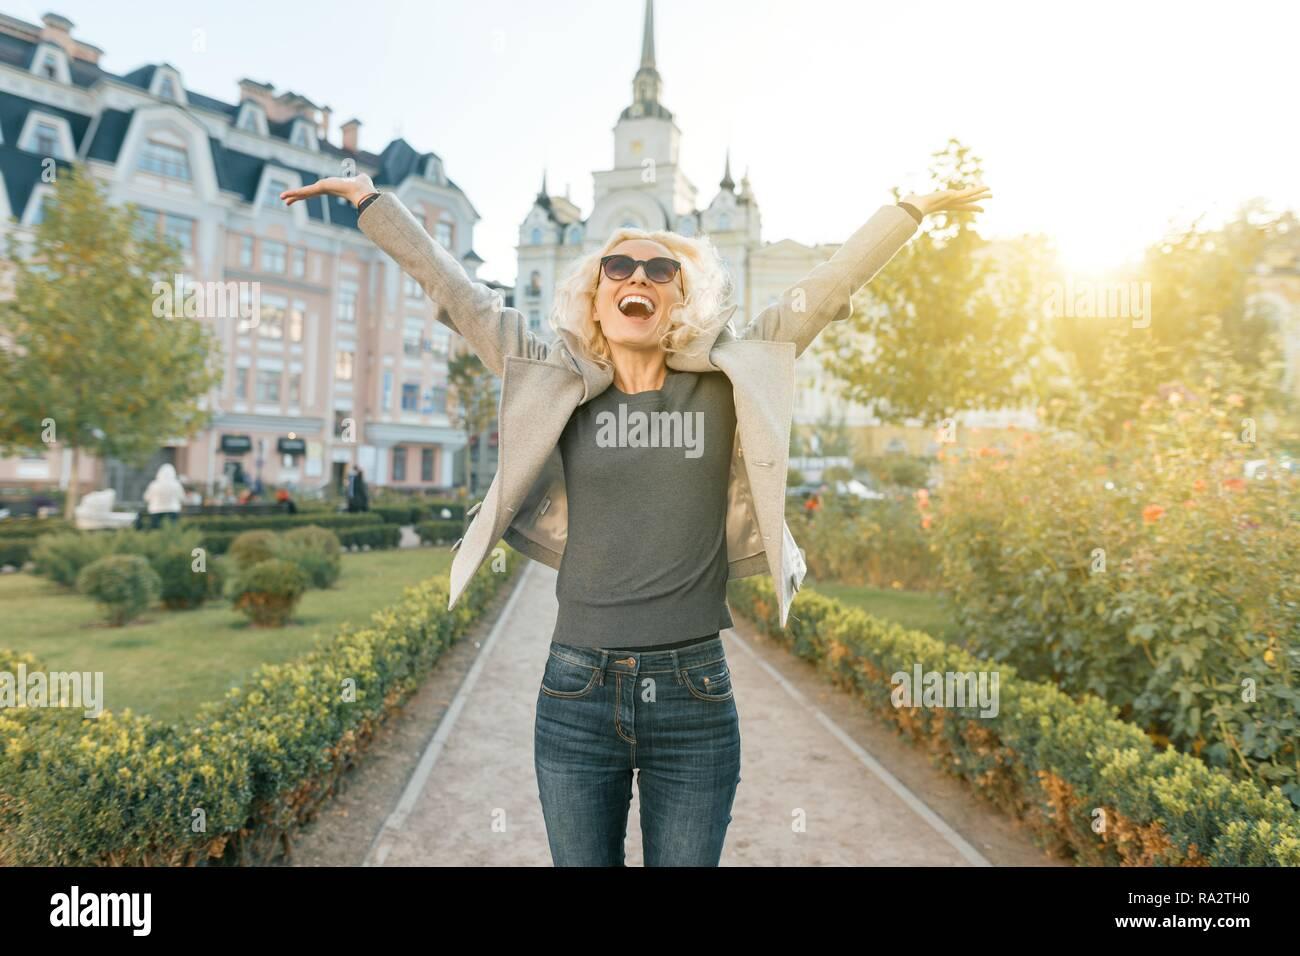 La emoción de alegría y felicidad, joven mujer alegre y levantó sus manos hacia arriba, en el exterior, fondo hora dorada. Foto de stock